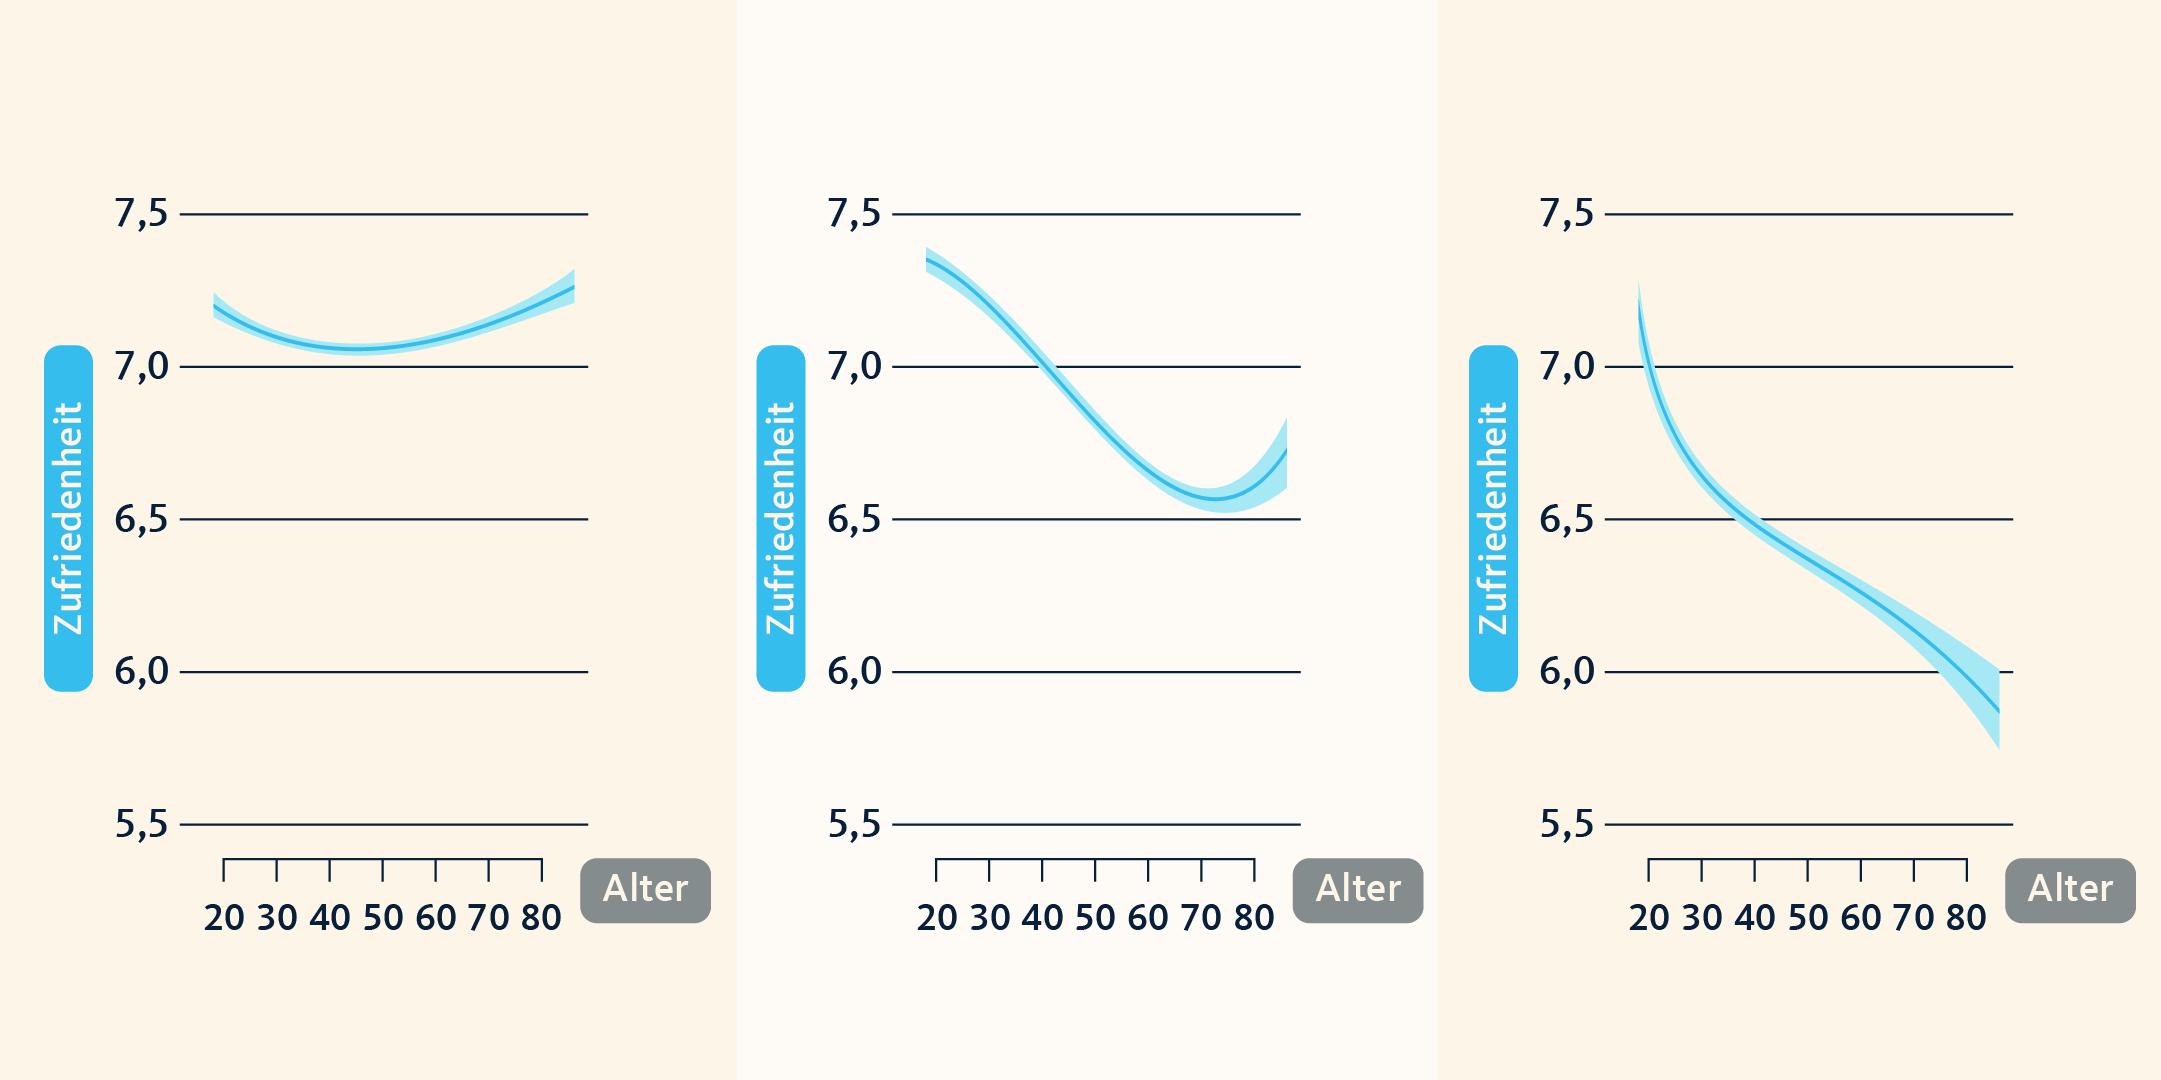 Unsere Zufriedenheit verläuft wie eine U-Kurve und ist somit abhängig vom Alter.